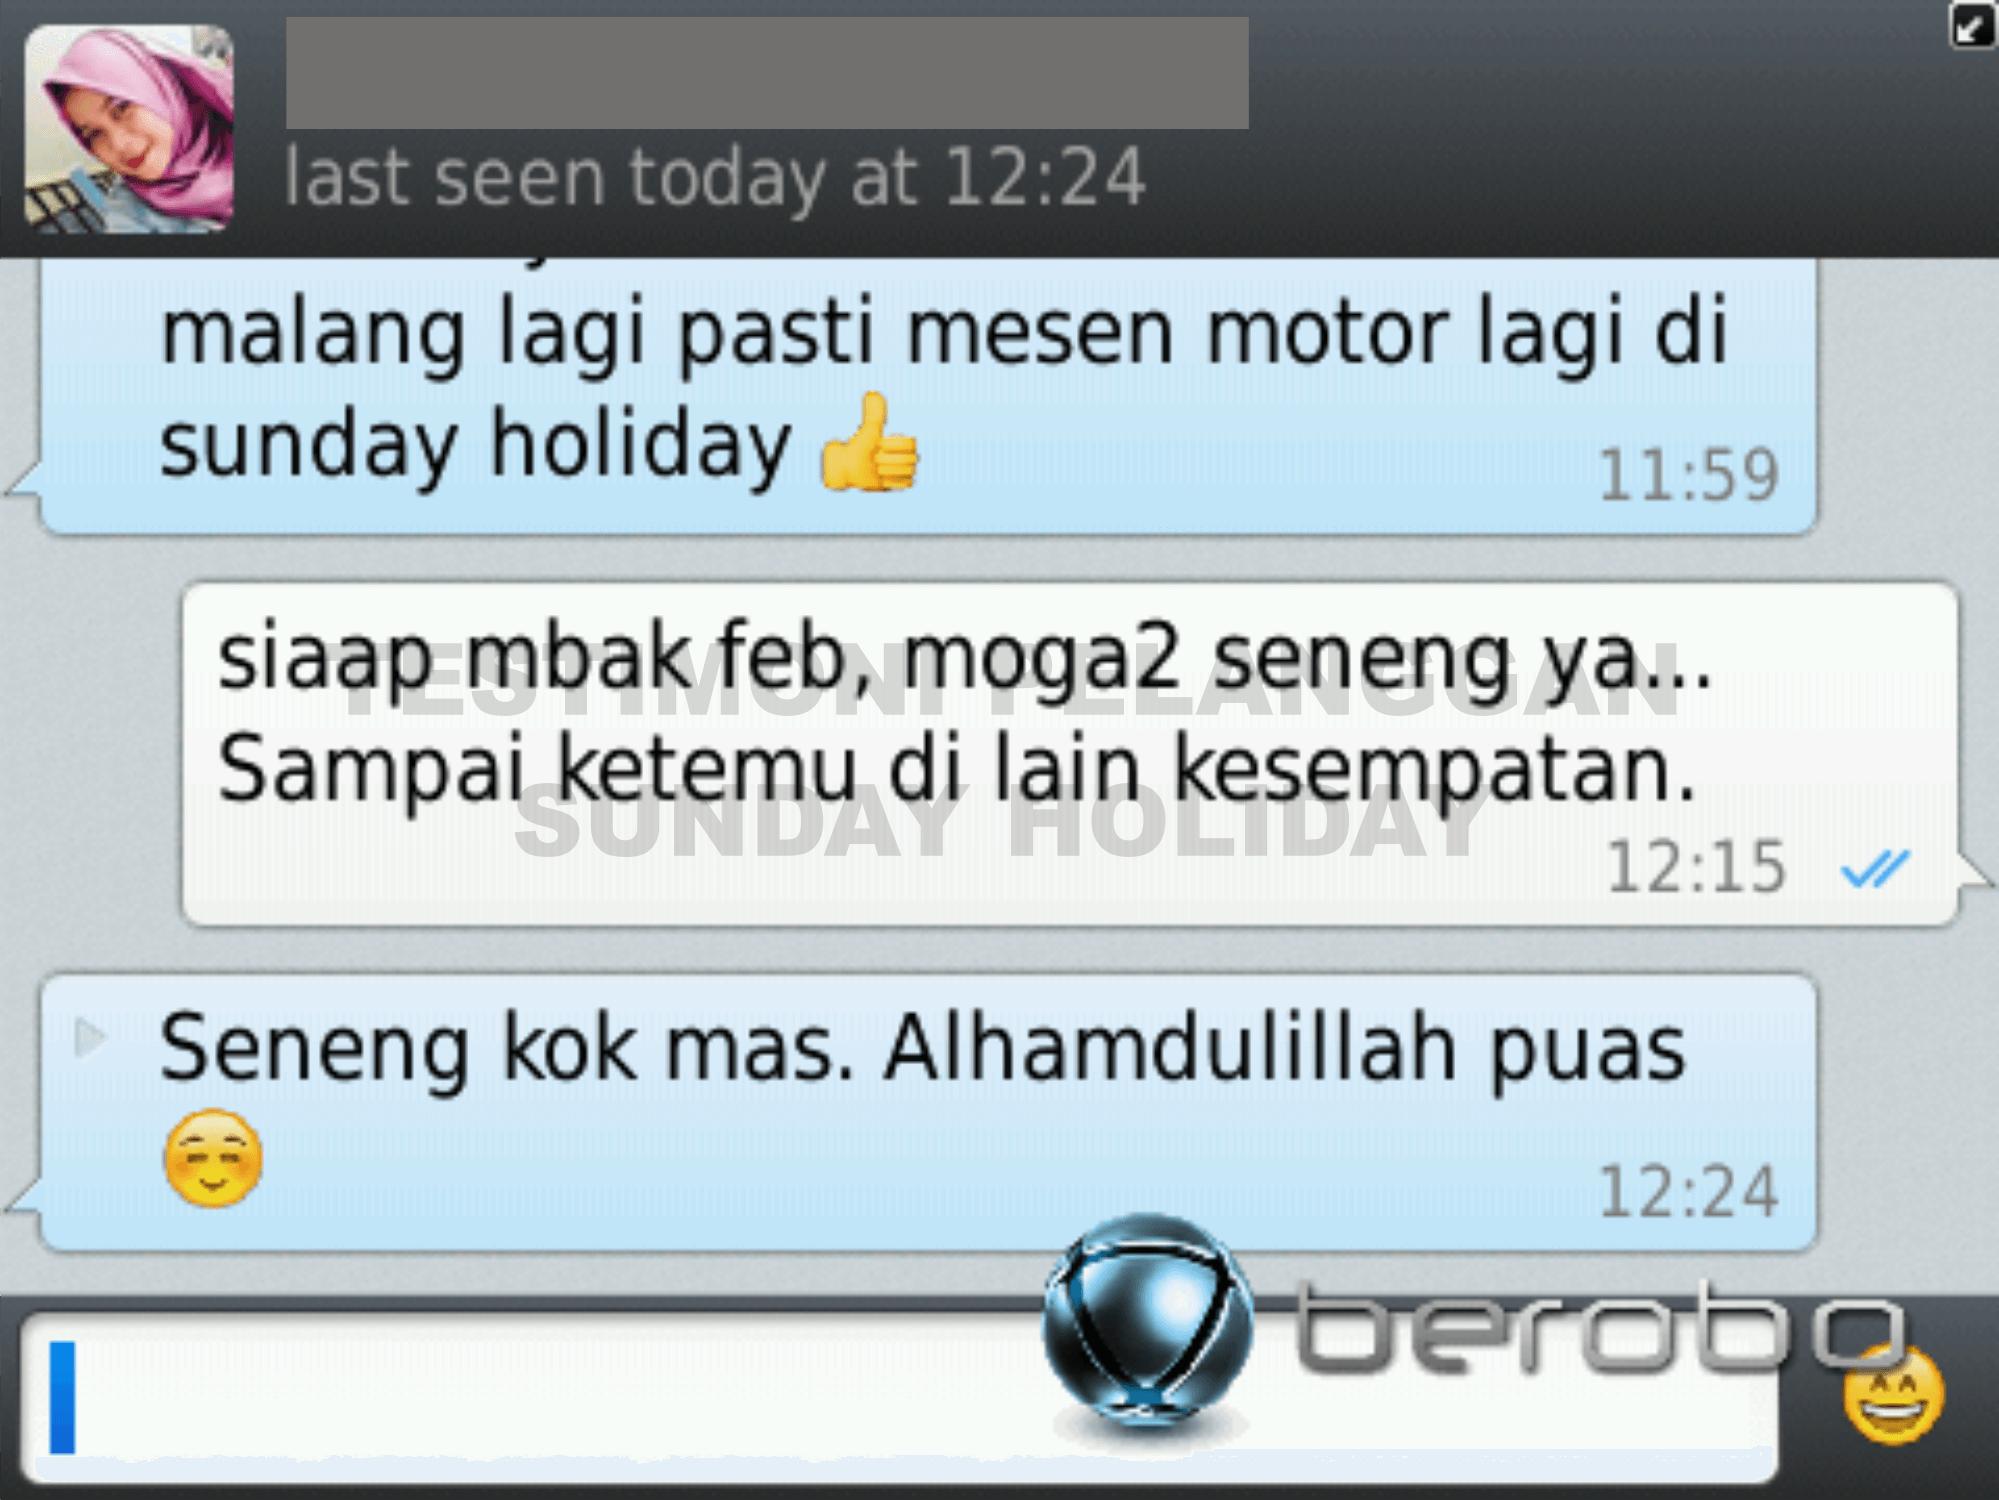 Testimoni Sewa Motor Malang